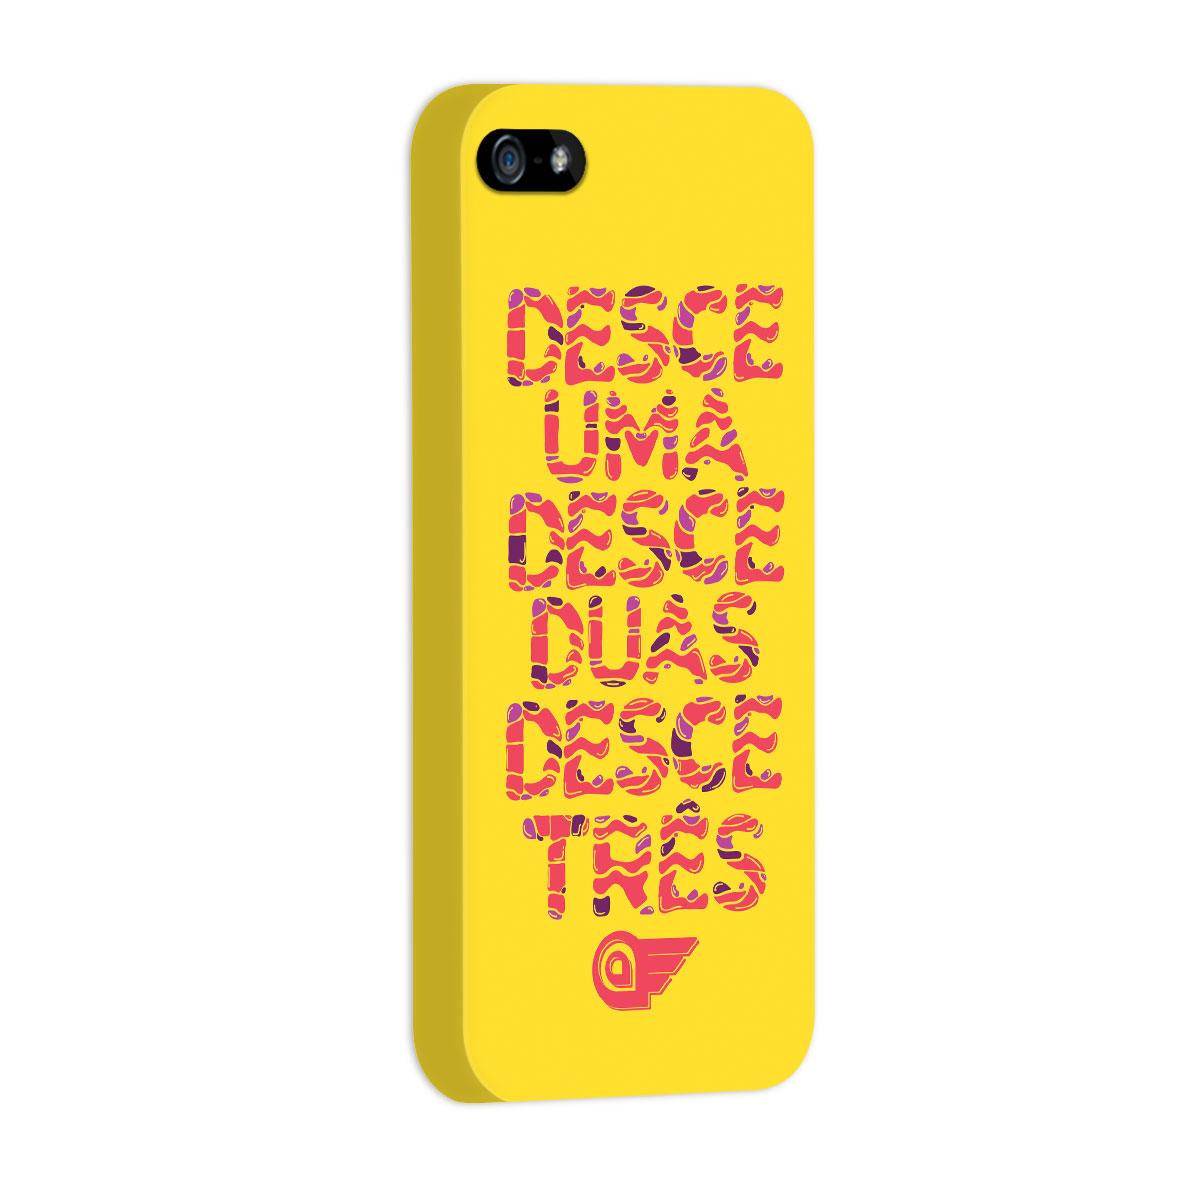 Capa de iPhone 5/5S Aviões do Forró Desce Duas